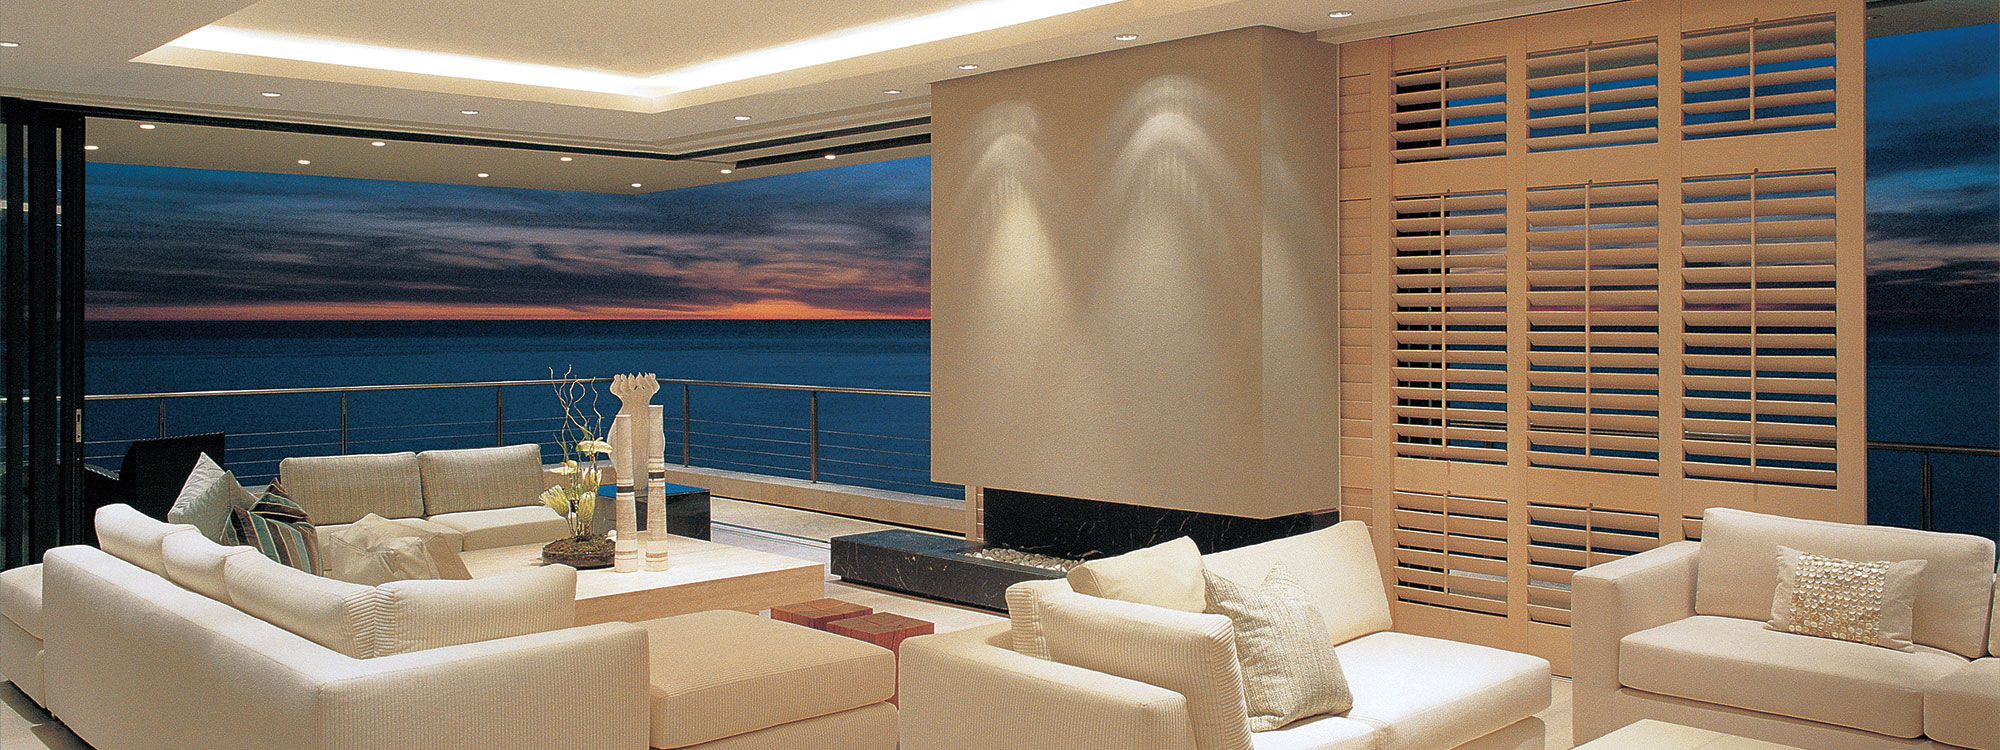 White-Teak-shutters-living-area-open-view-v2.jpg